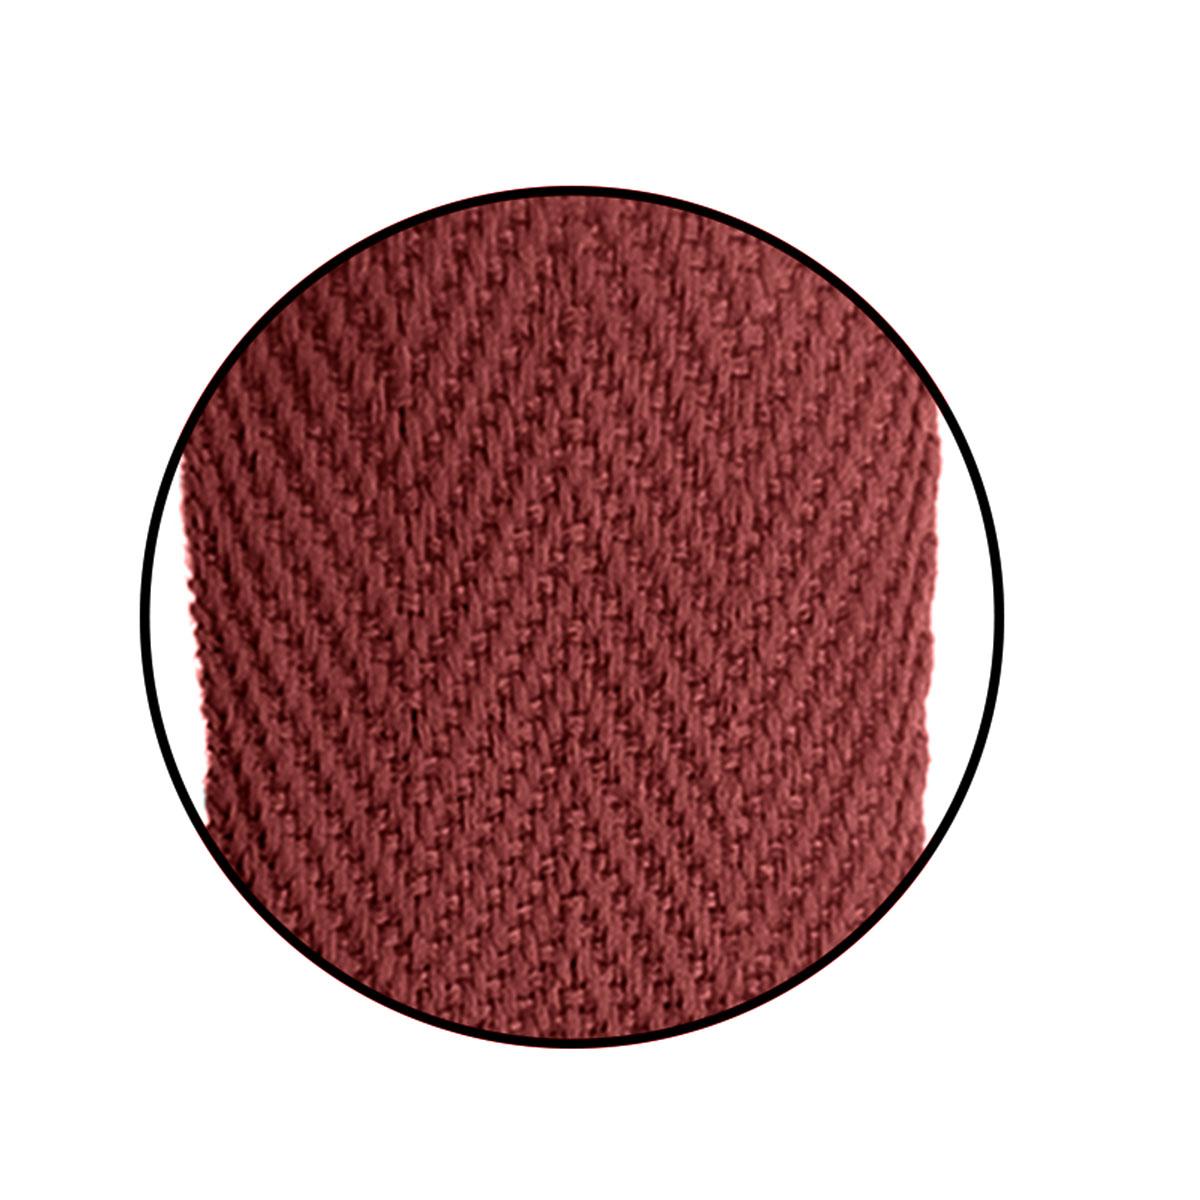 Alça Gorgurão (Escama) 25mm x 45 cm - Cortada S/ Acetato (100 unidades)